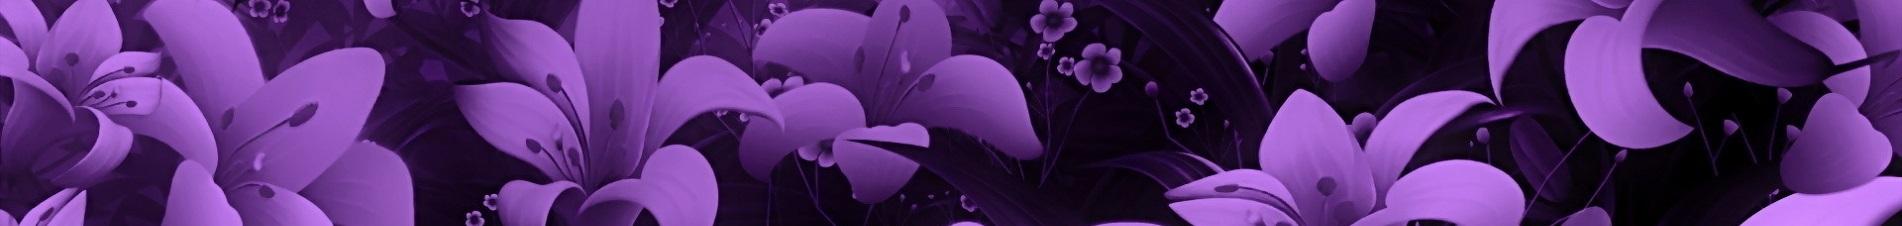 bloemen versturen naar  paars